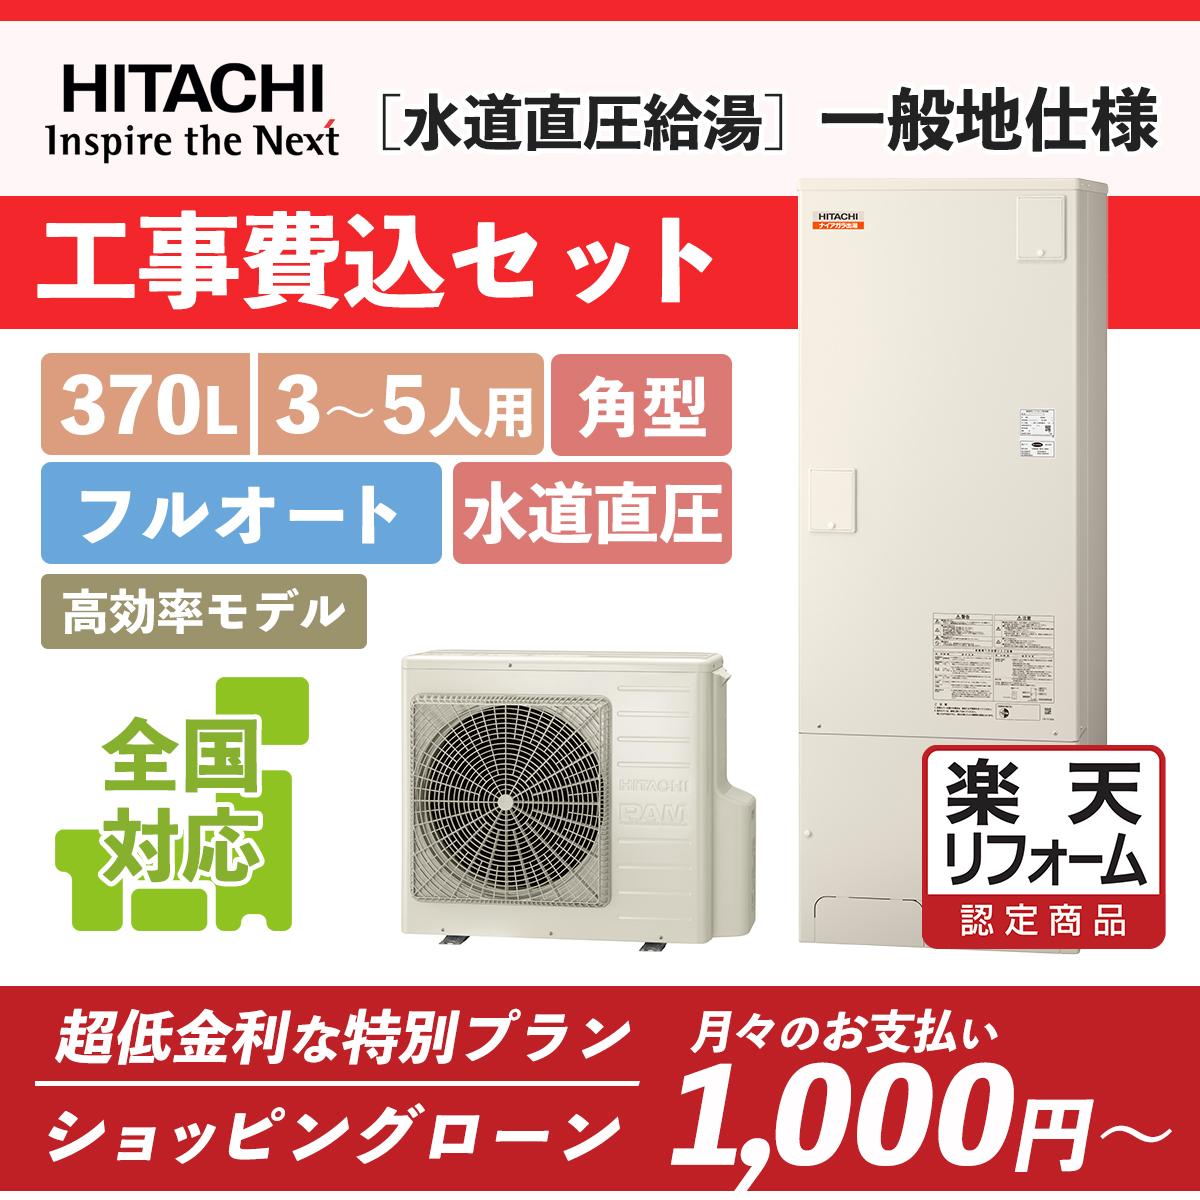 【リフォーム認定商品】BHP-FV37SD|水道直圧 高効率モデル 370L|エコキュート工事費込み!全国対応!リモコンセット,給湯器,フルオート